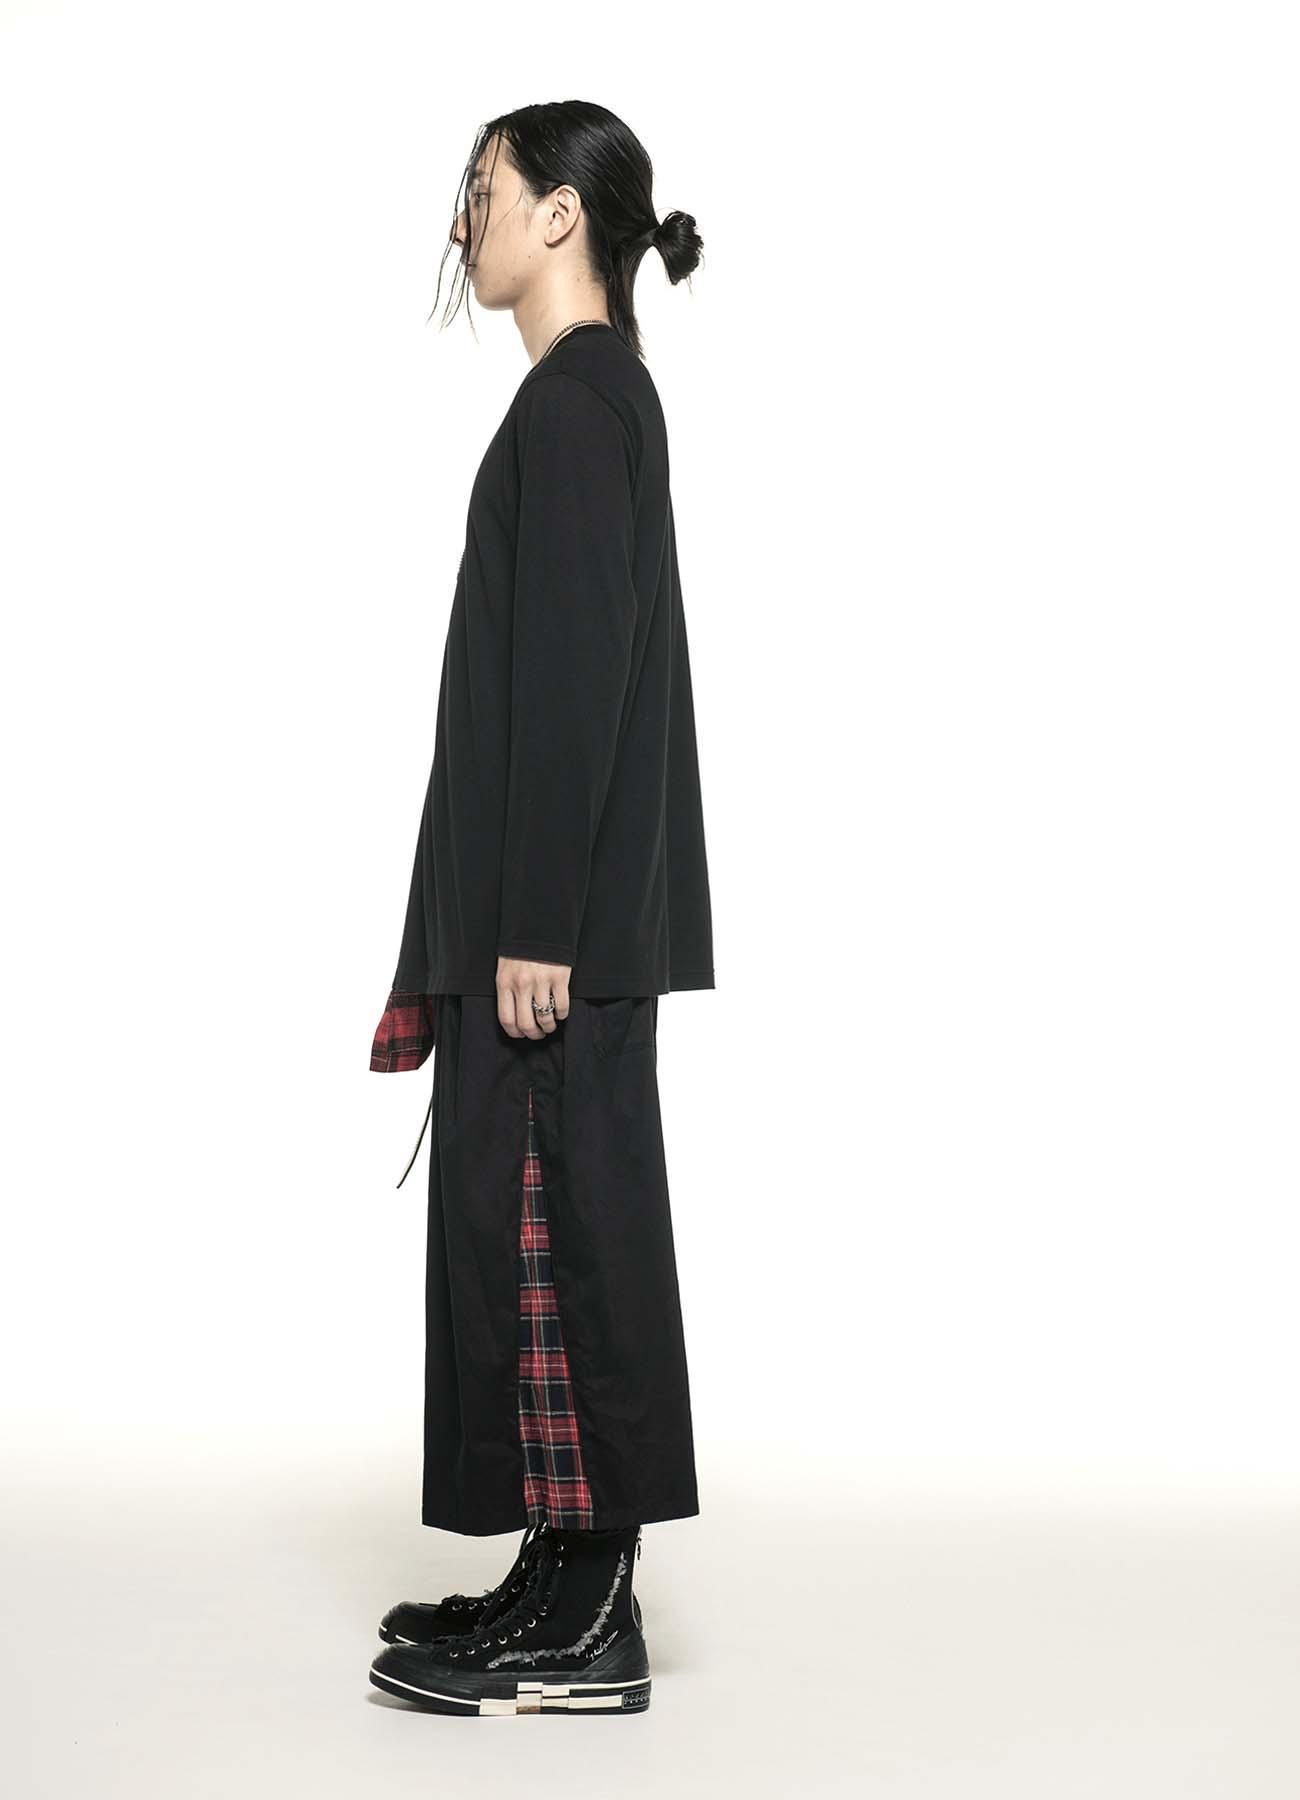 40/2 Cotton Jersey Tartan Check Layered Asymmetry Drape T-shirt